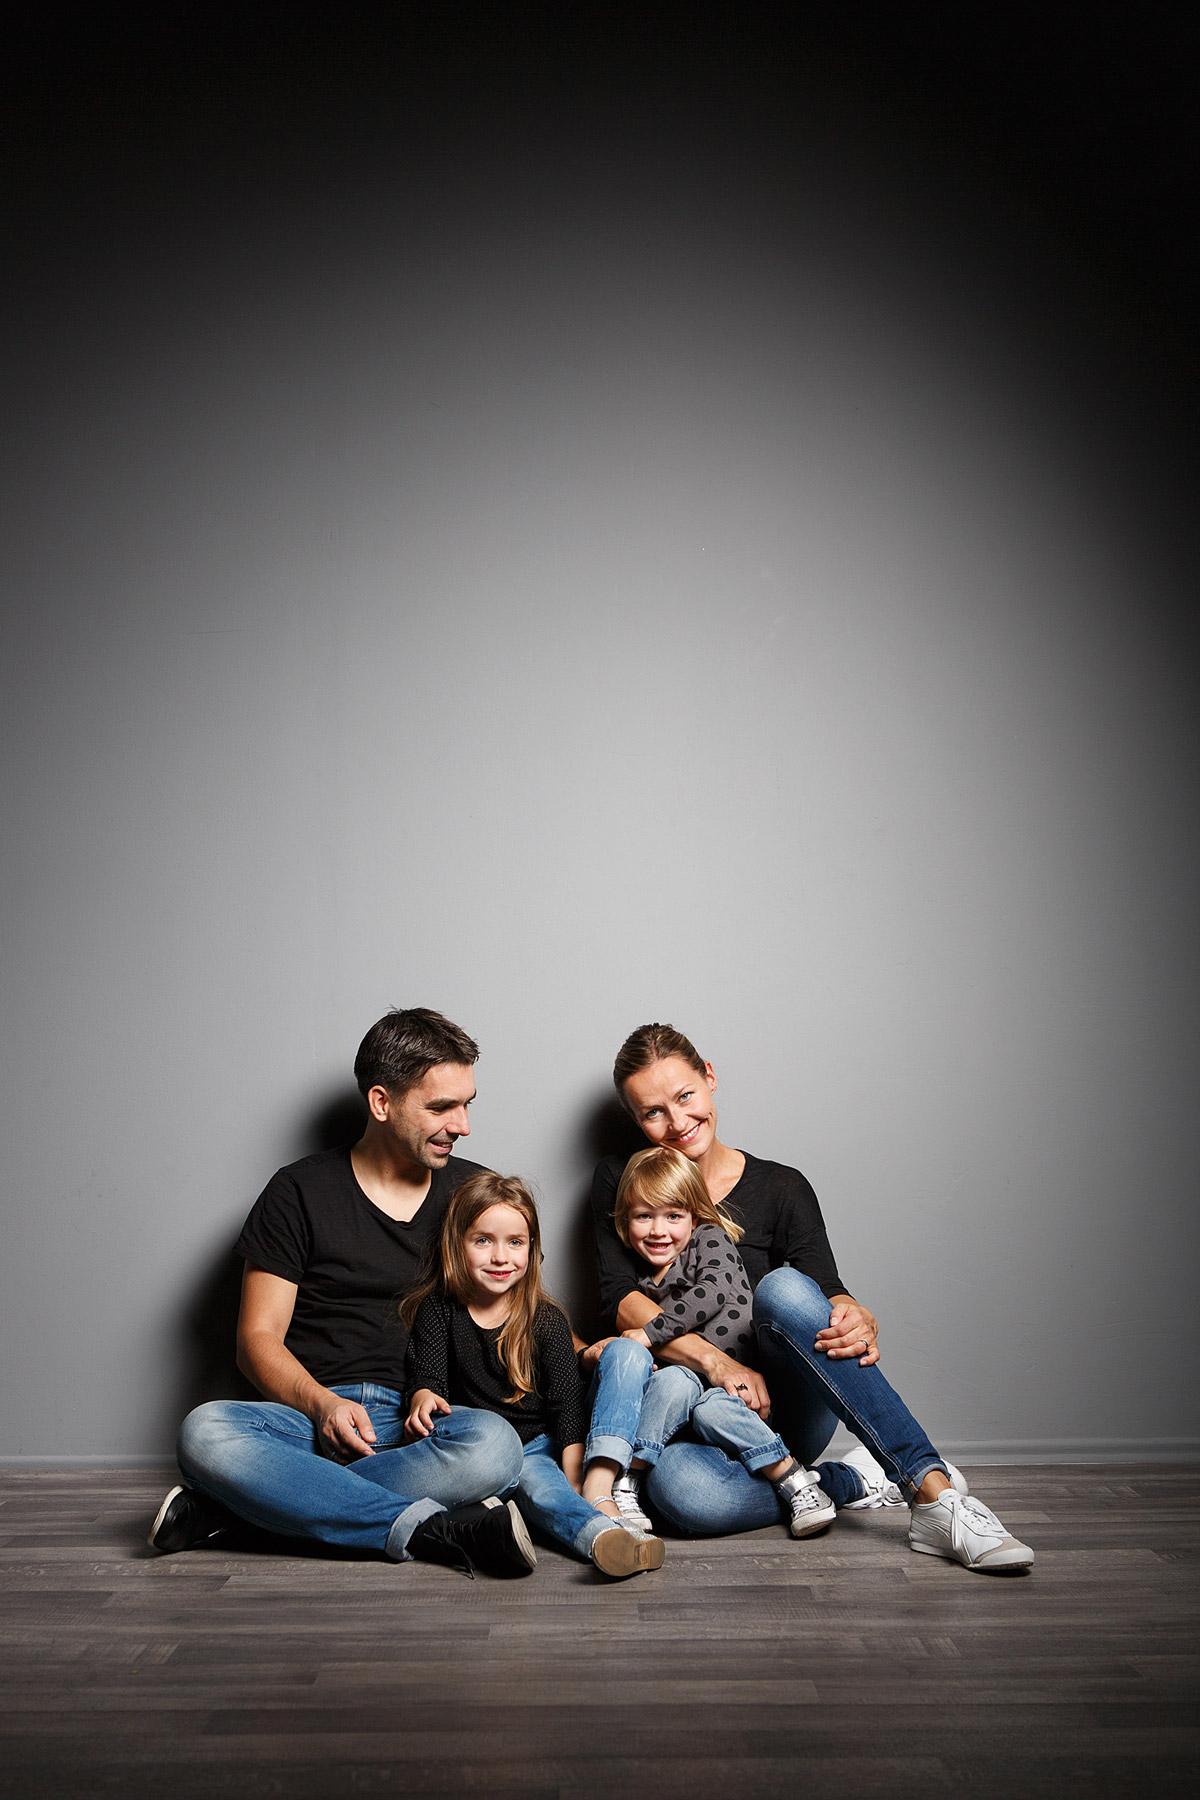 Familien Fotoshooting Fotostudio Berlin